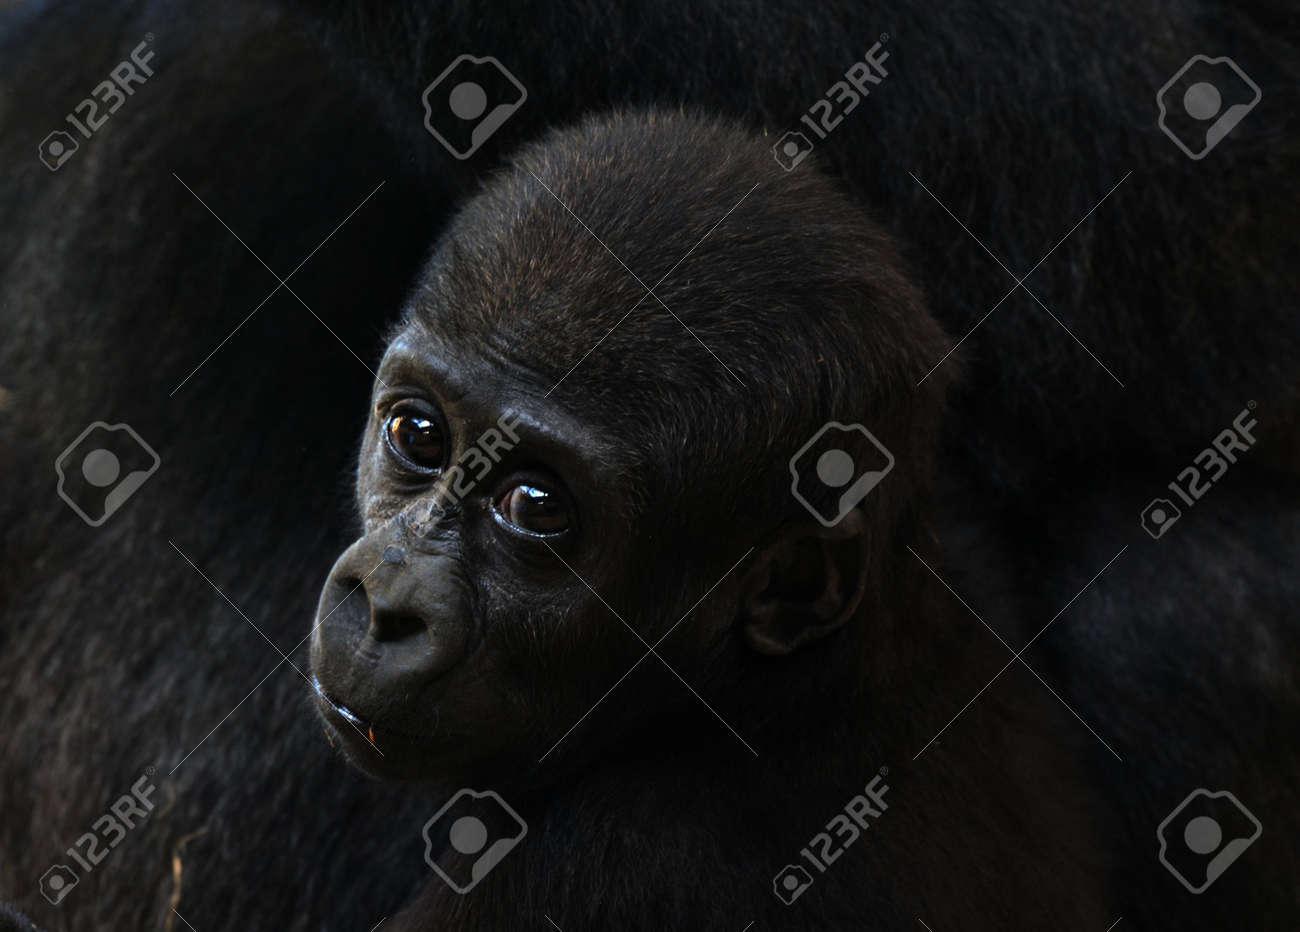 close-up of a a cute baby gorilla Standard-Bild - 4650583